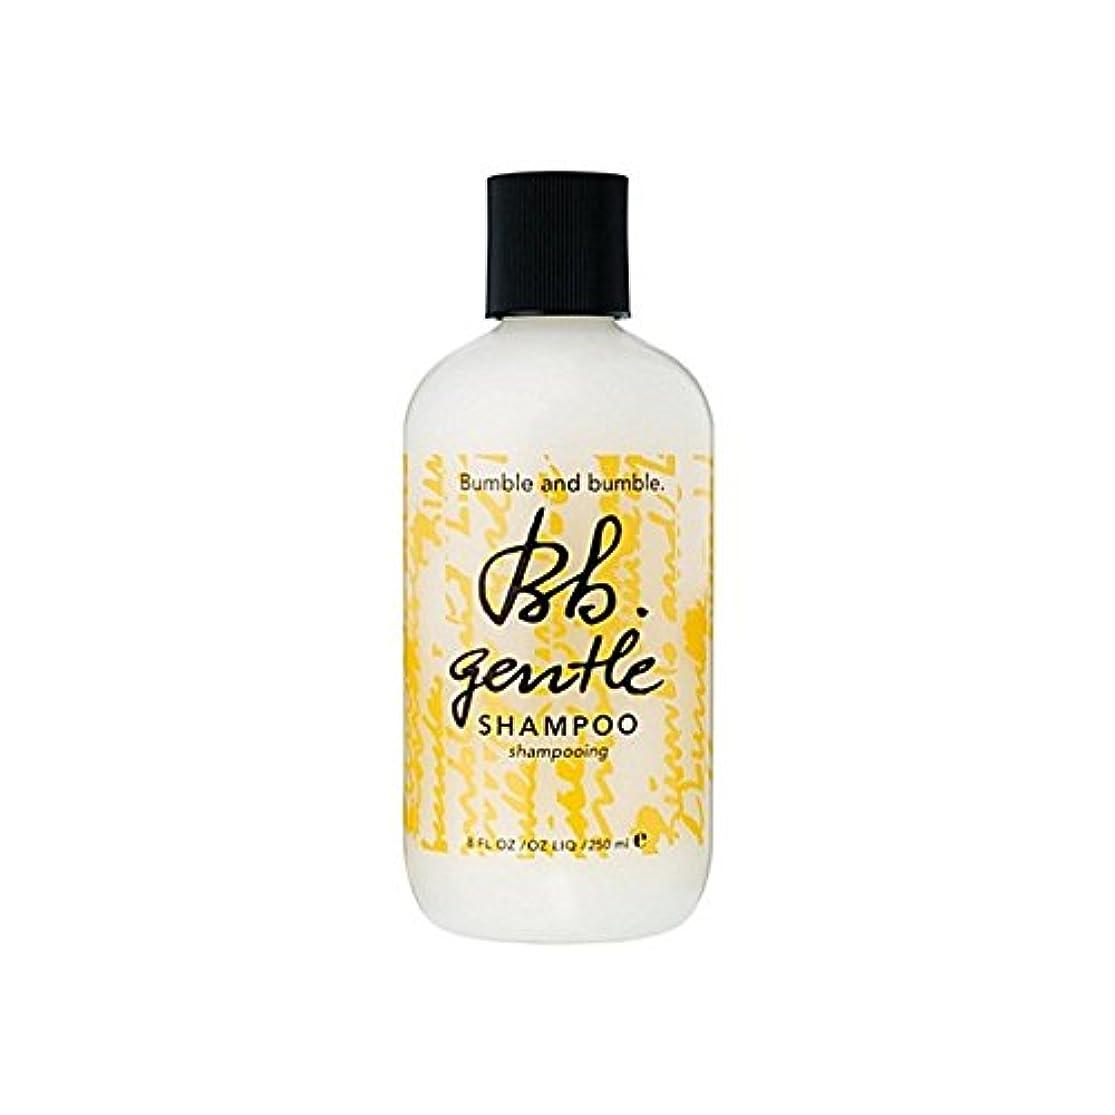 泳ぐダイジェストランドリー優しいシャンプー千ミリリットルをバンブルアンドバンブル x2 - Bumble & Bumble Gentle Shampoo 1000ml (Pack of 2) [並行輸入品]